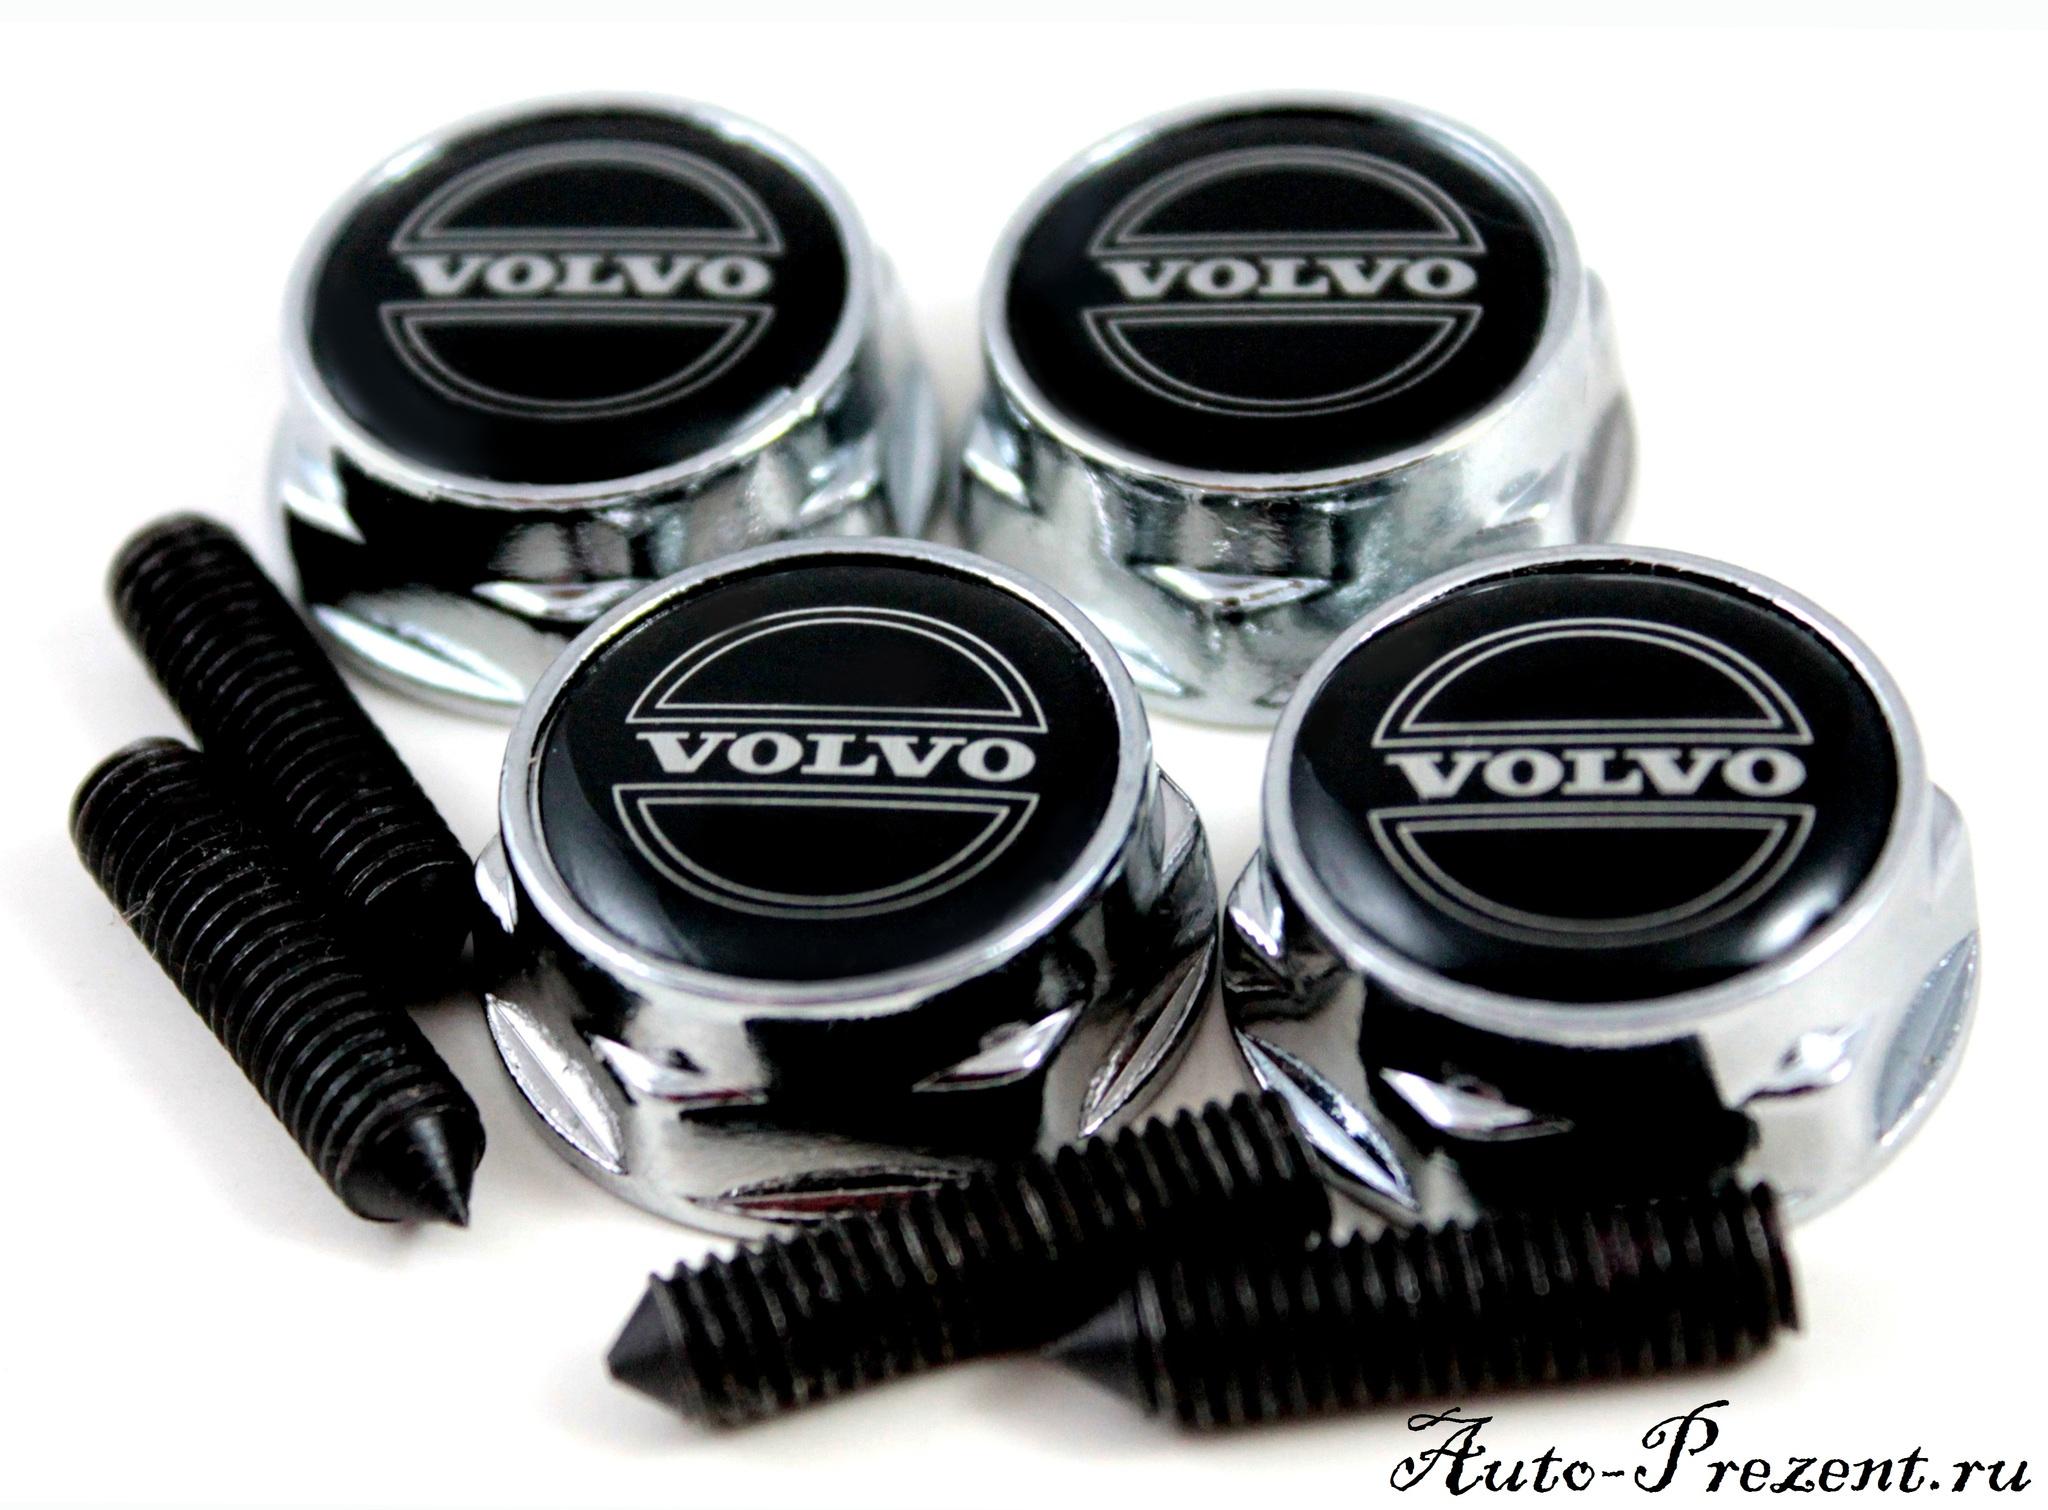 Болты для крепления госномера с логотипом VOLVO